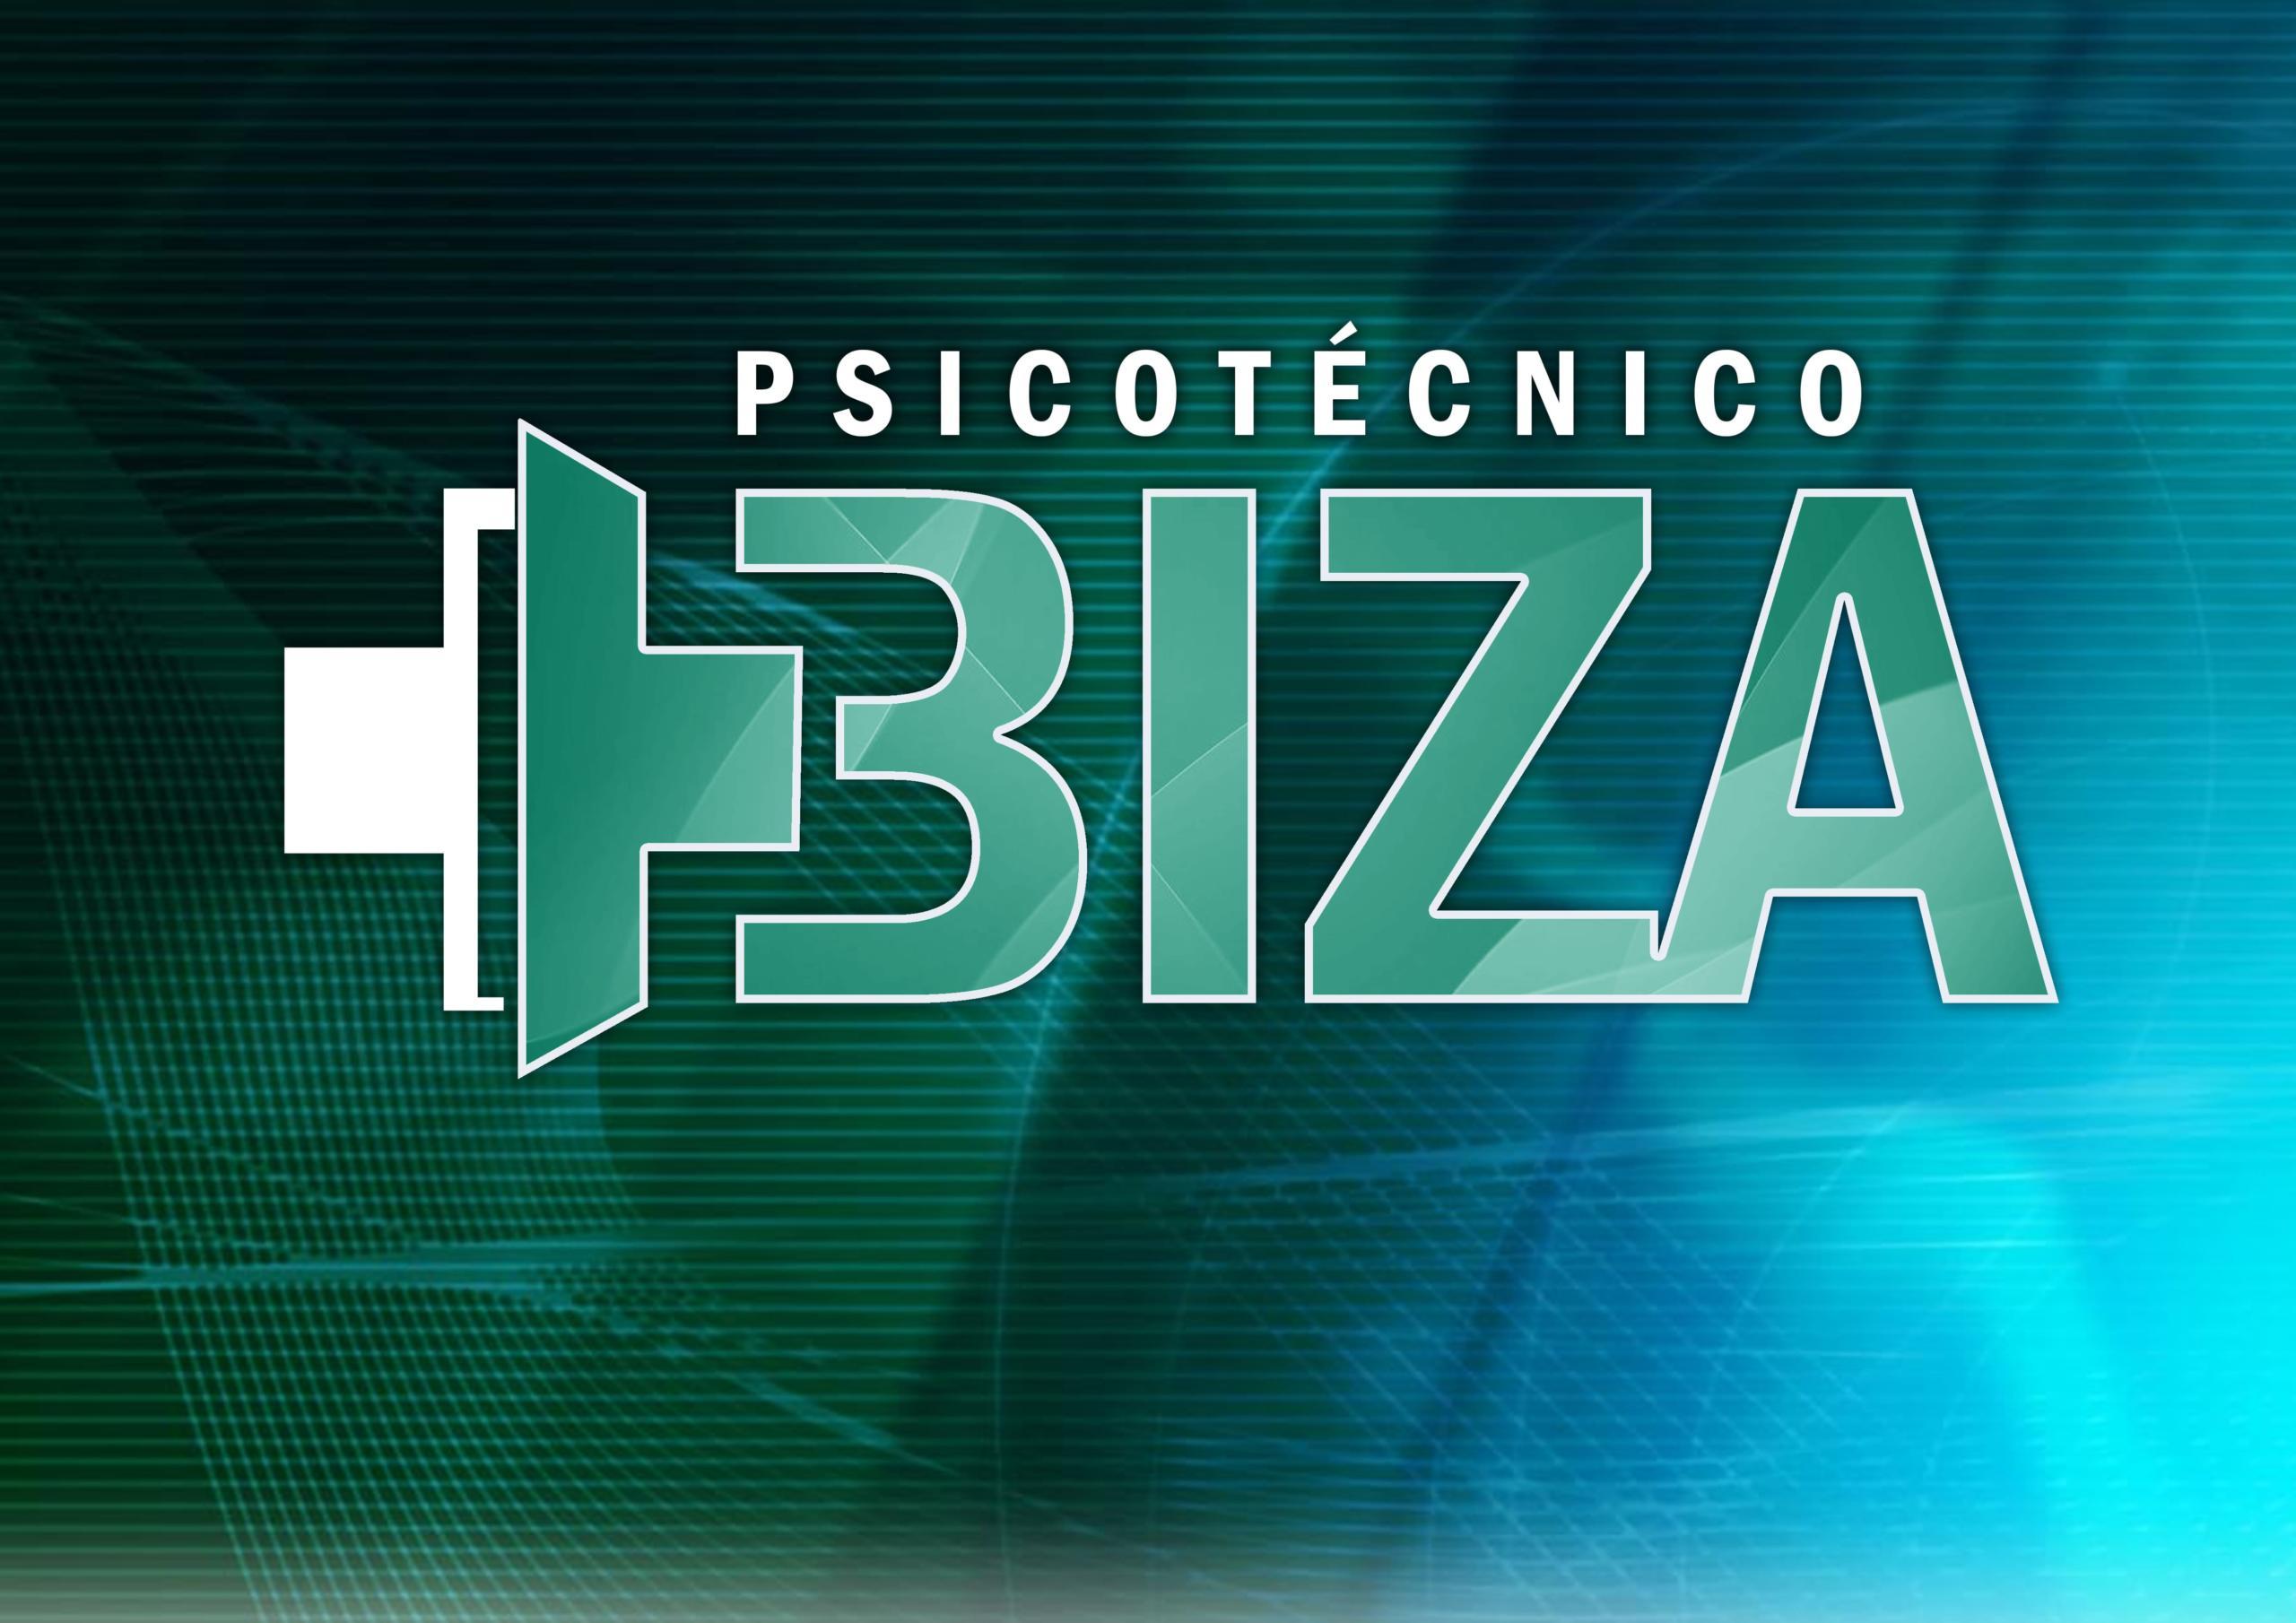 Logotipo - Versión verde con fondo